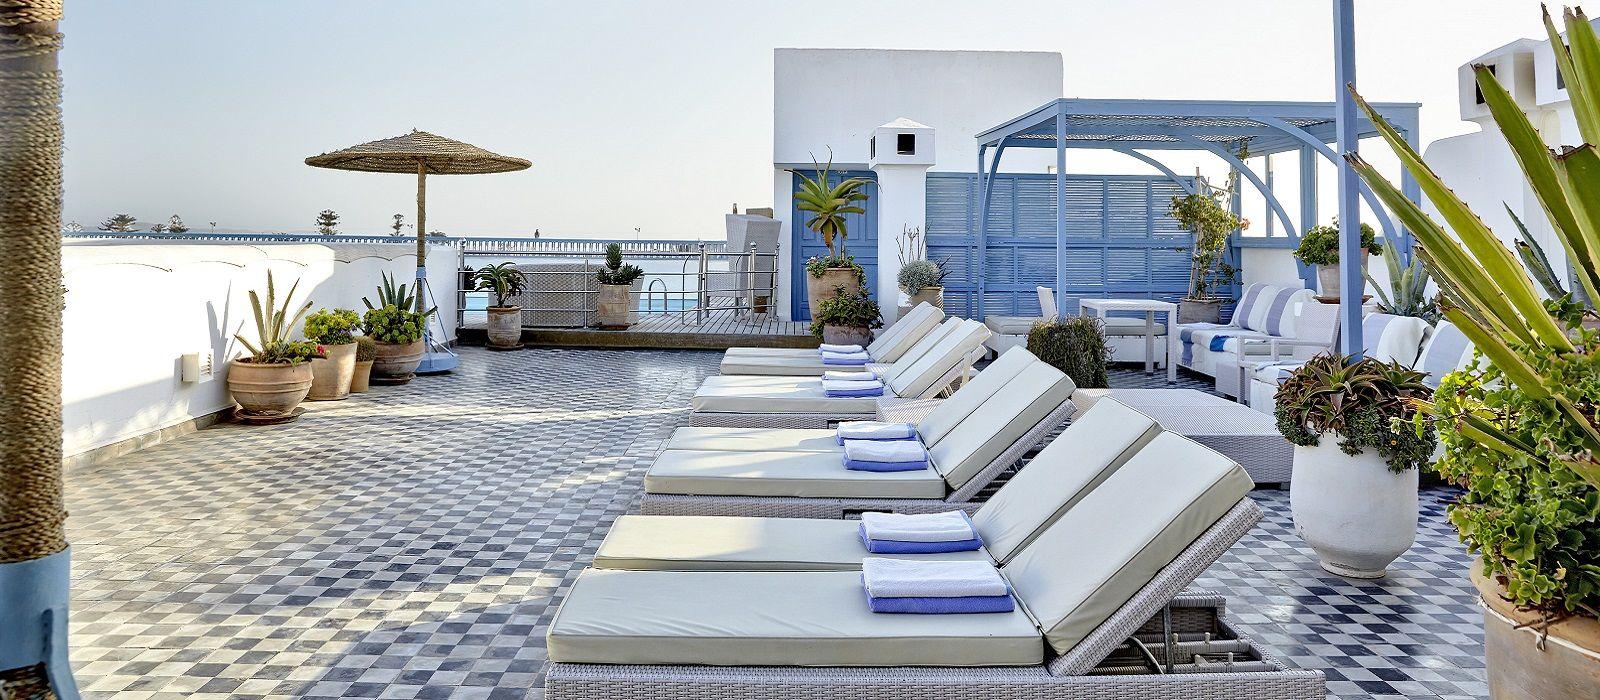 Hotel Heure Bleue Palais Morocco